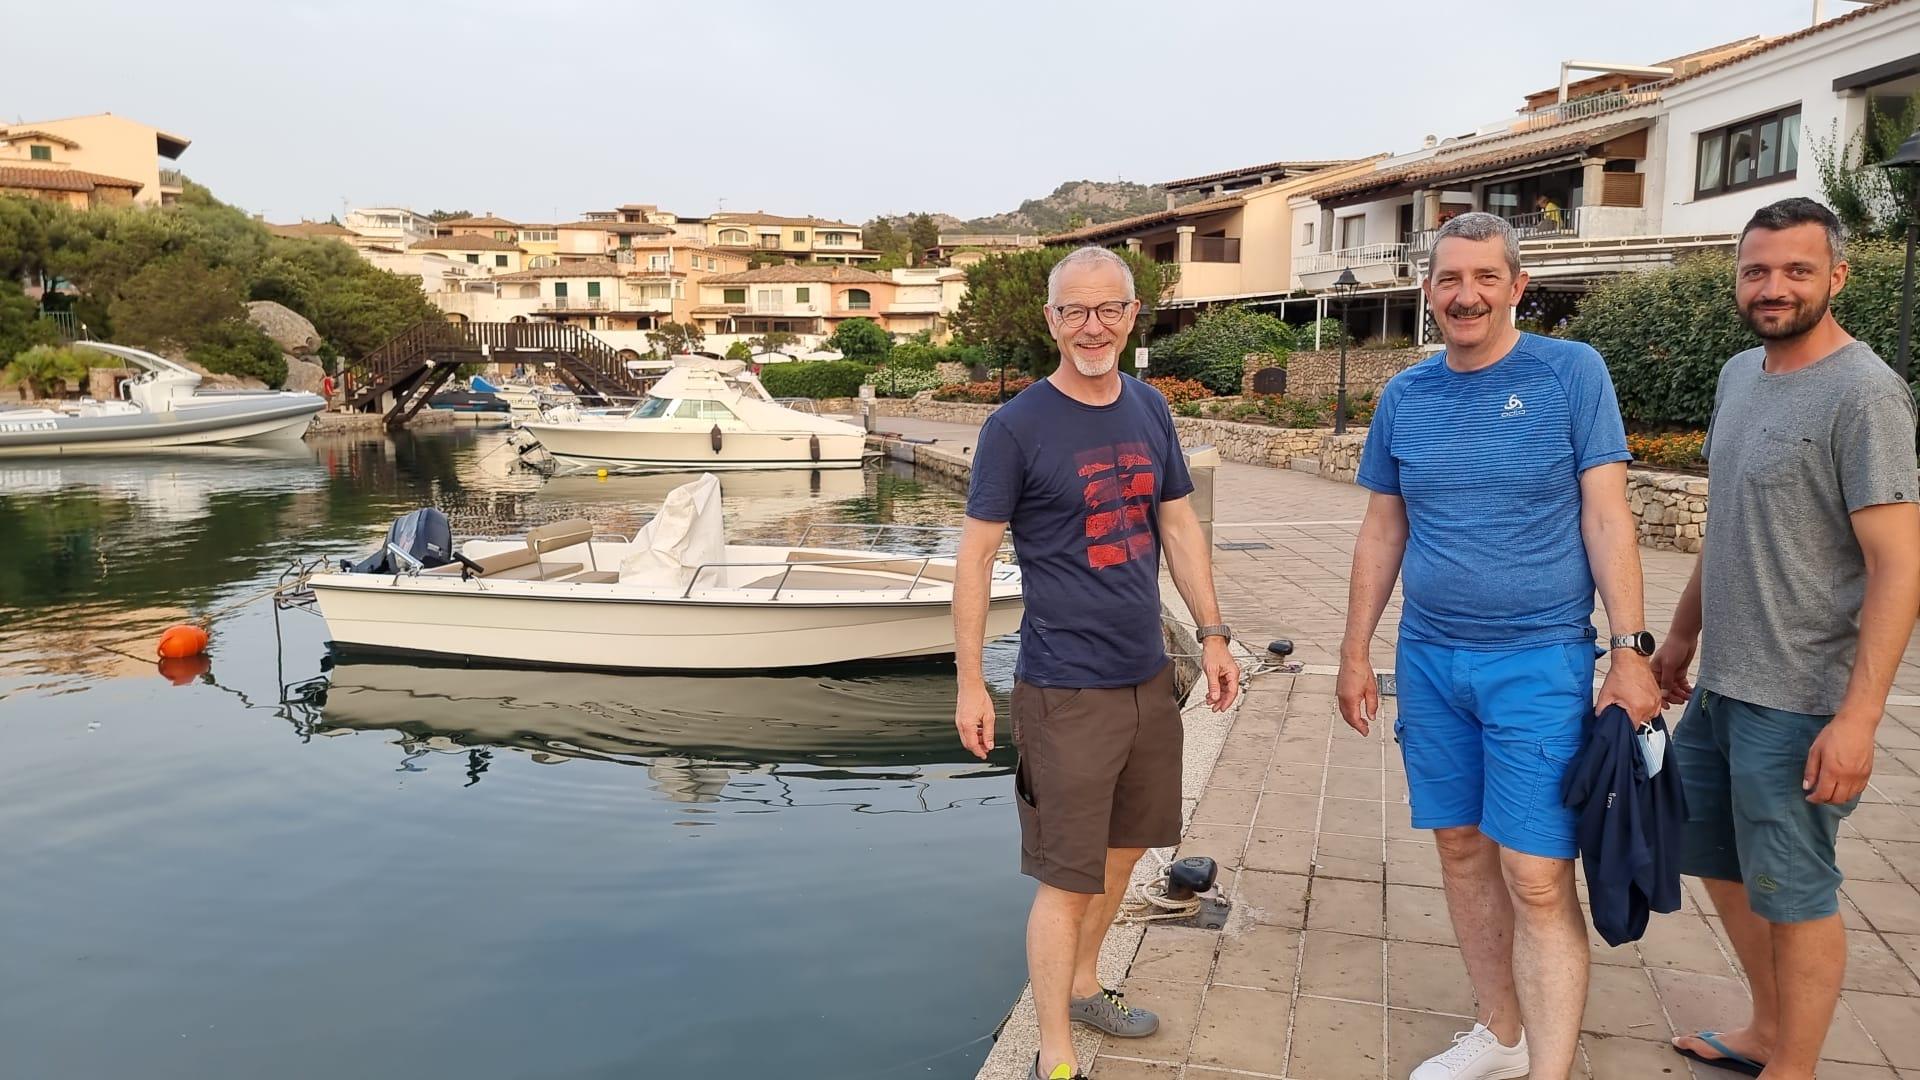 Landausflug auf Meilentörn Segeltörn Sardinien